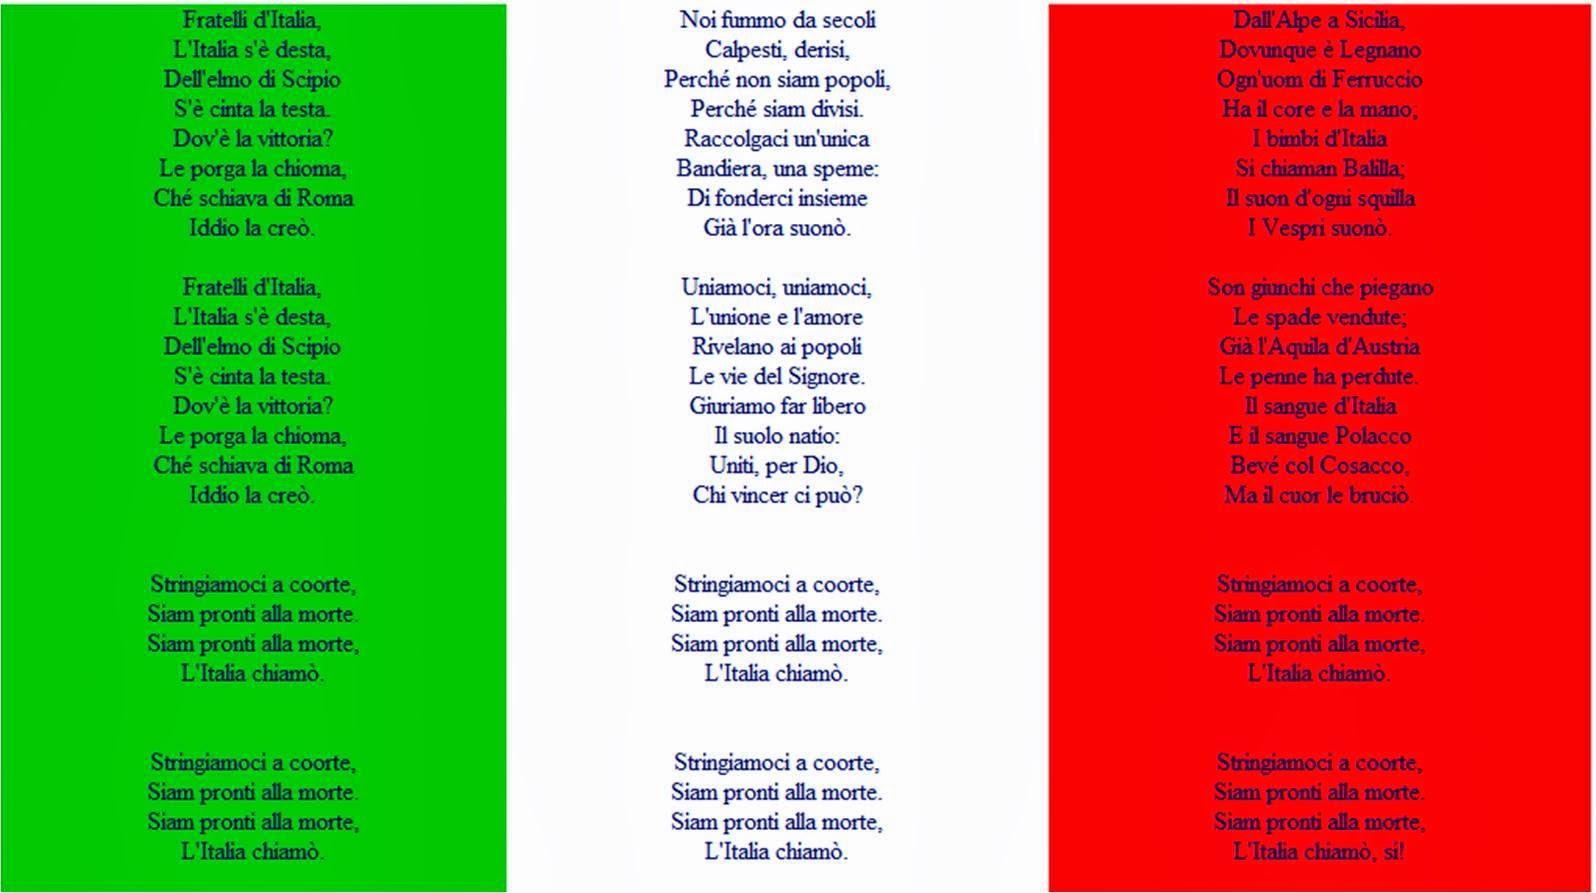 Гимн италии mp3 скачать бесплатно